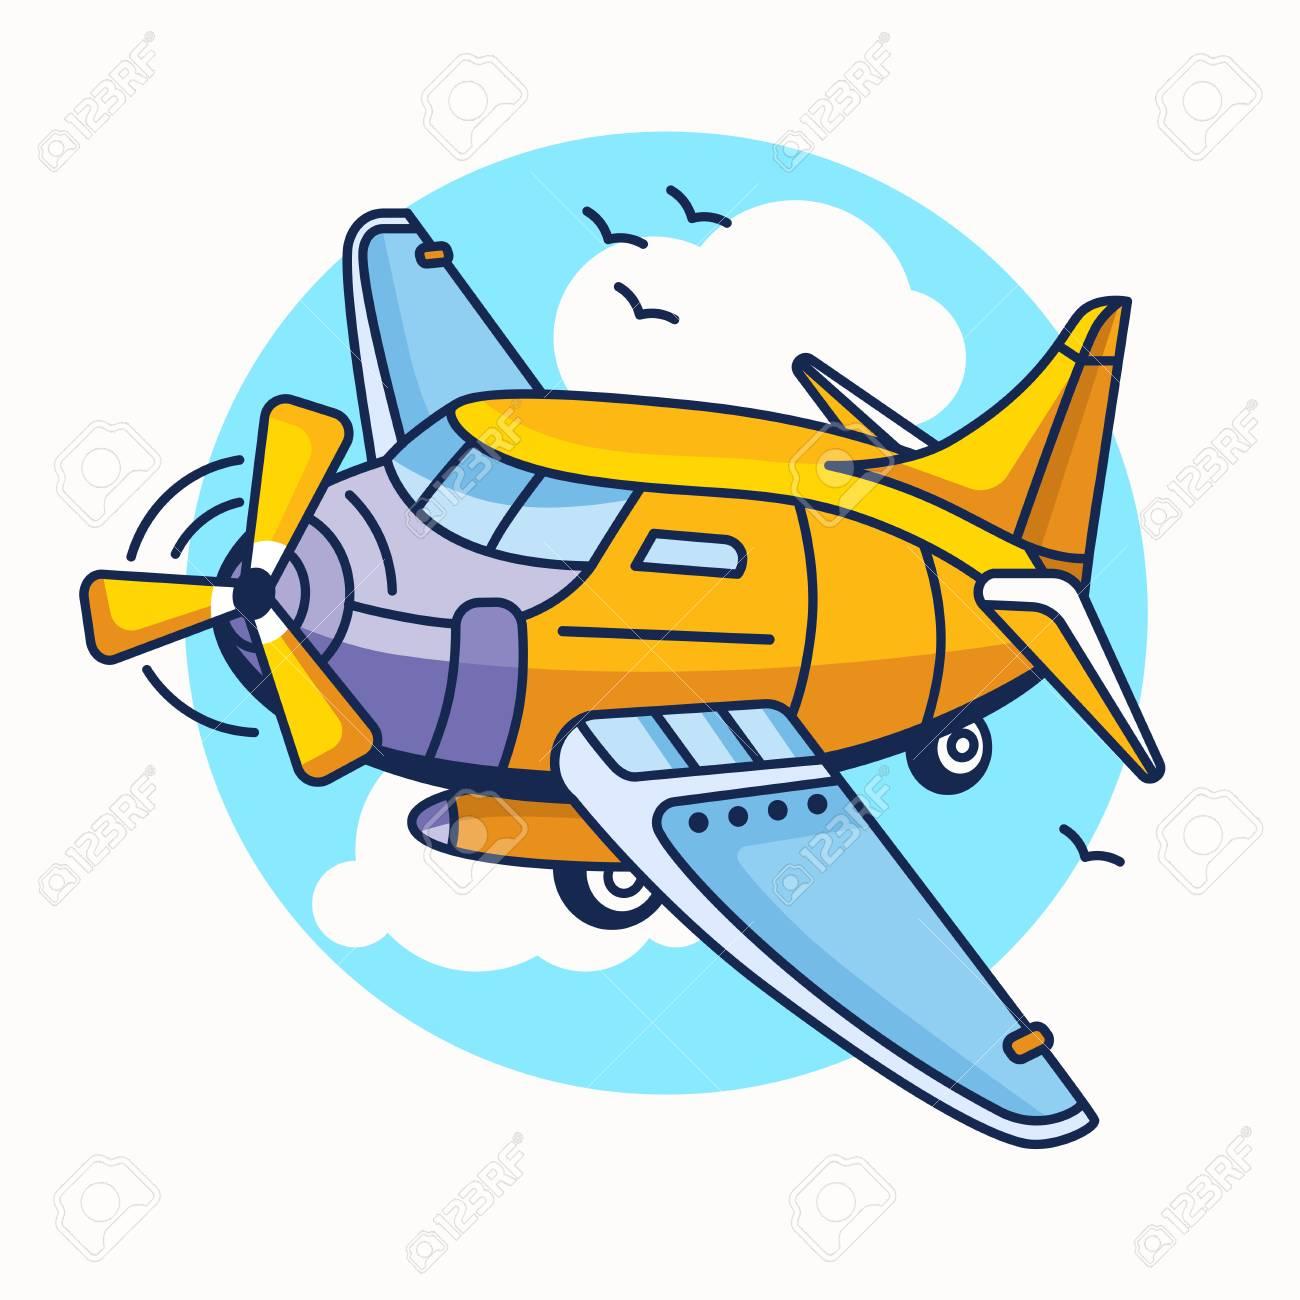 Ilustracao De Desenho Animado De Aviao De Aviao Em Cor Amarela